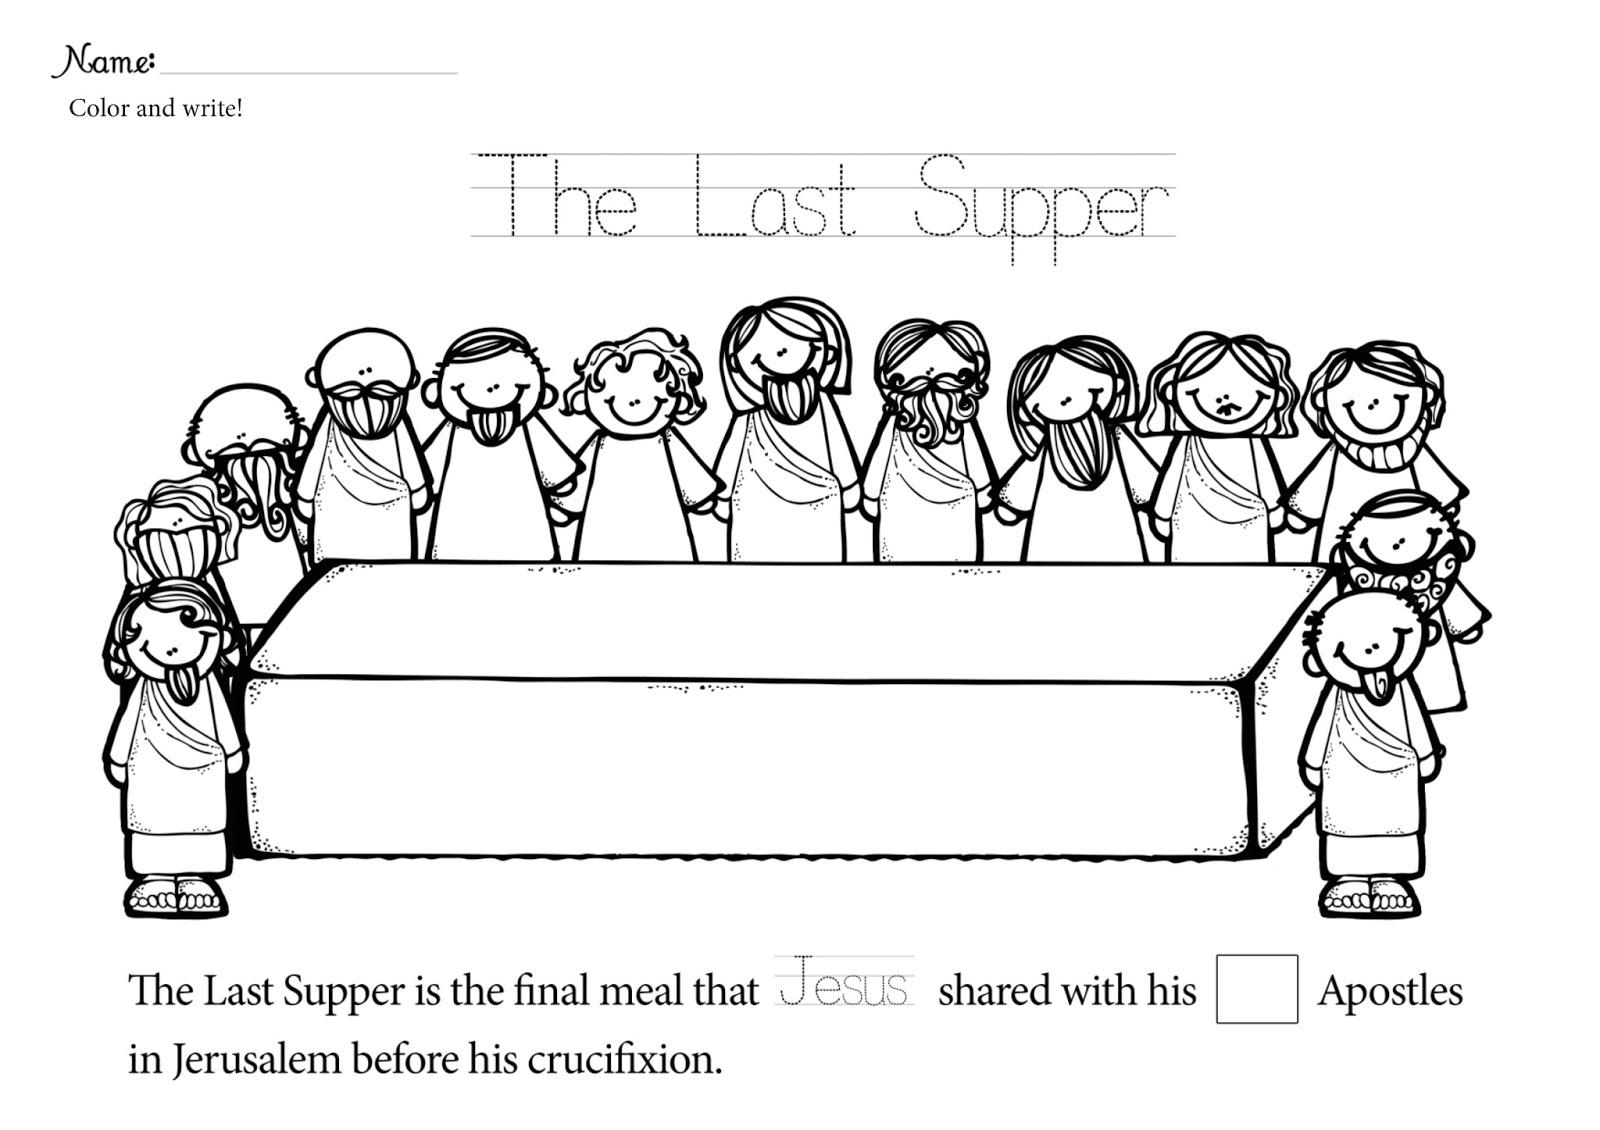 Leonardo Da Vinci The Last Supper Coloring Page Jesus Last Supper Coloring Pages